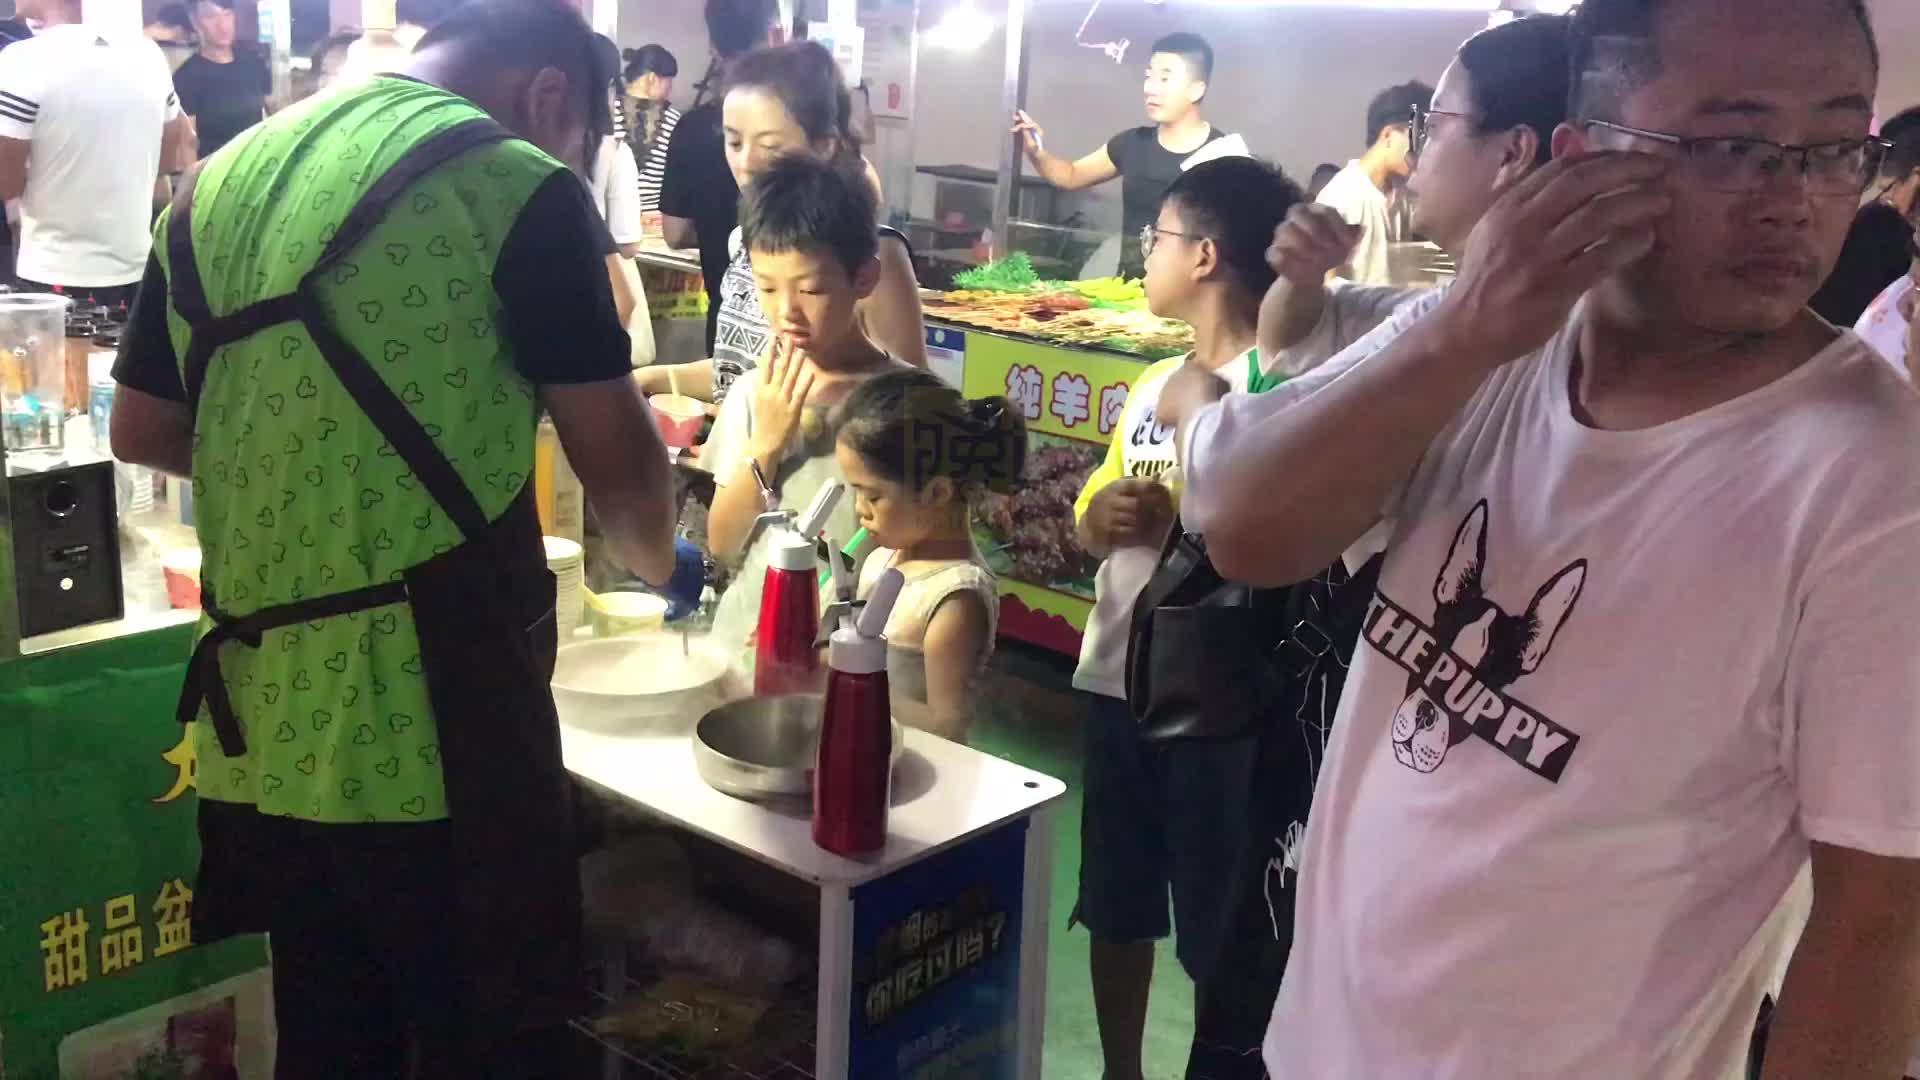 1平米的摊位卖冒烟冰激凌,山东小伙生意火爆,大人小孩挤满小摊